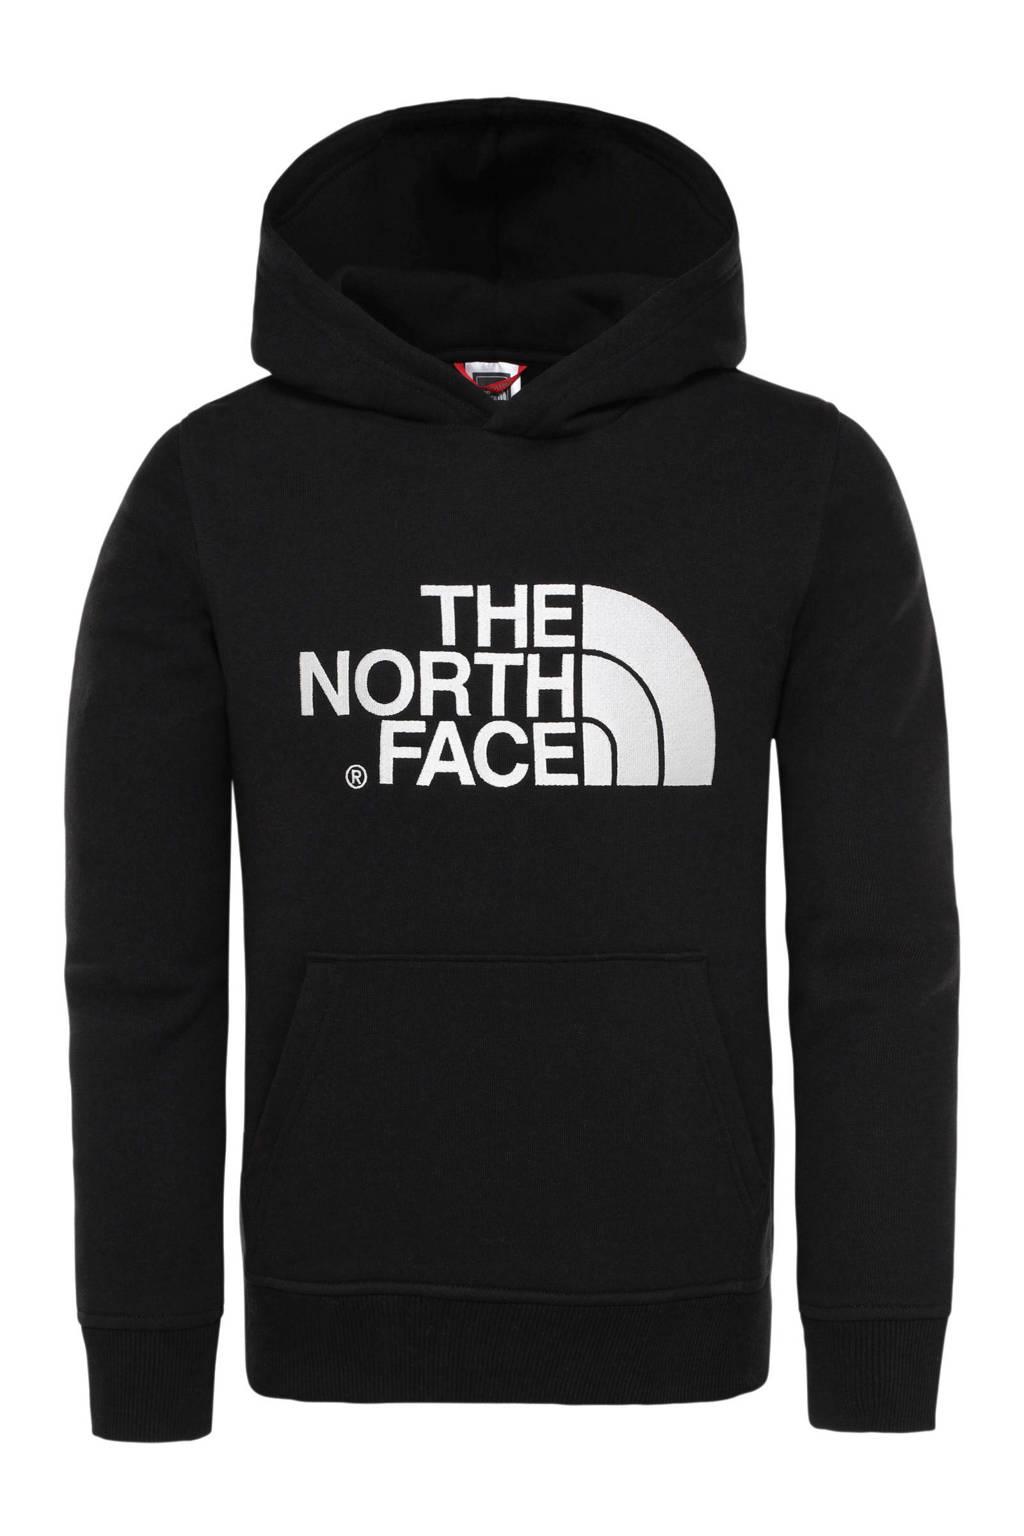 The North Face unisex hoodie zwart/wit, Zwart/wit